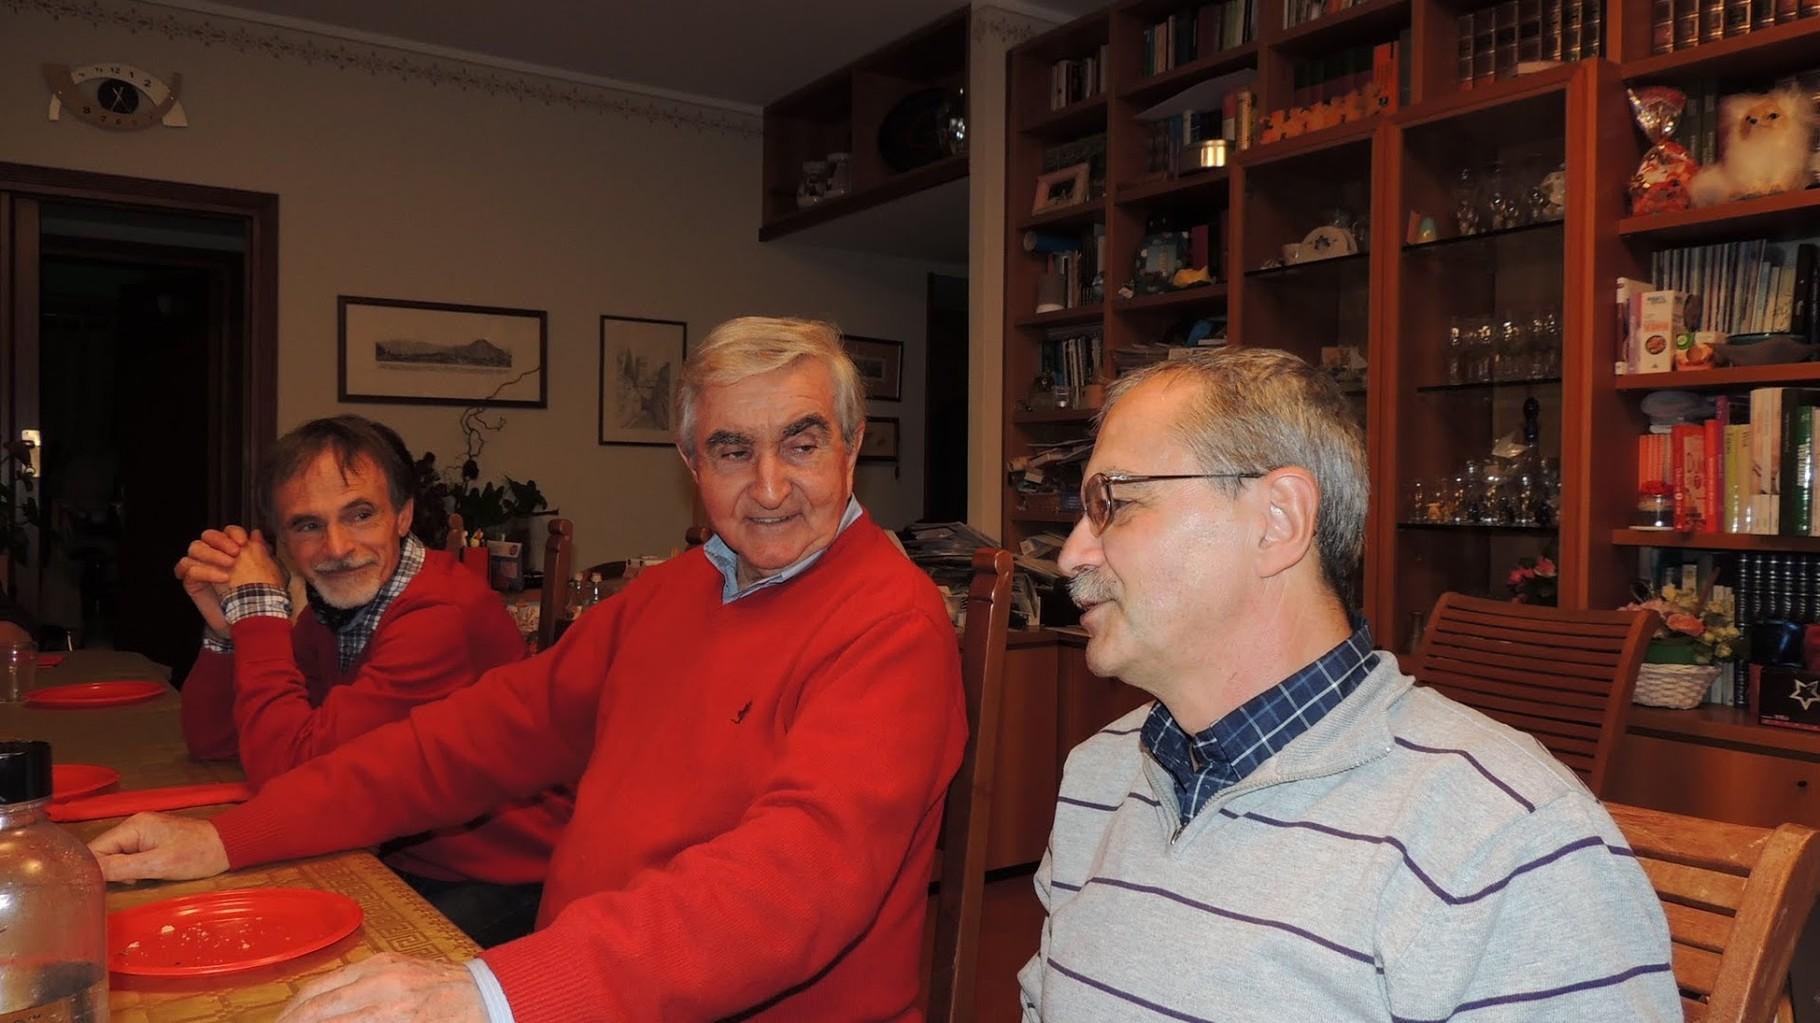 Vittorio, Roberto e Gianni baffo (che stà cantando con la sua splendida voce) hehehehe